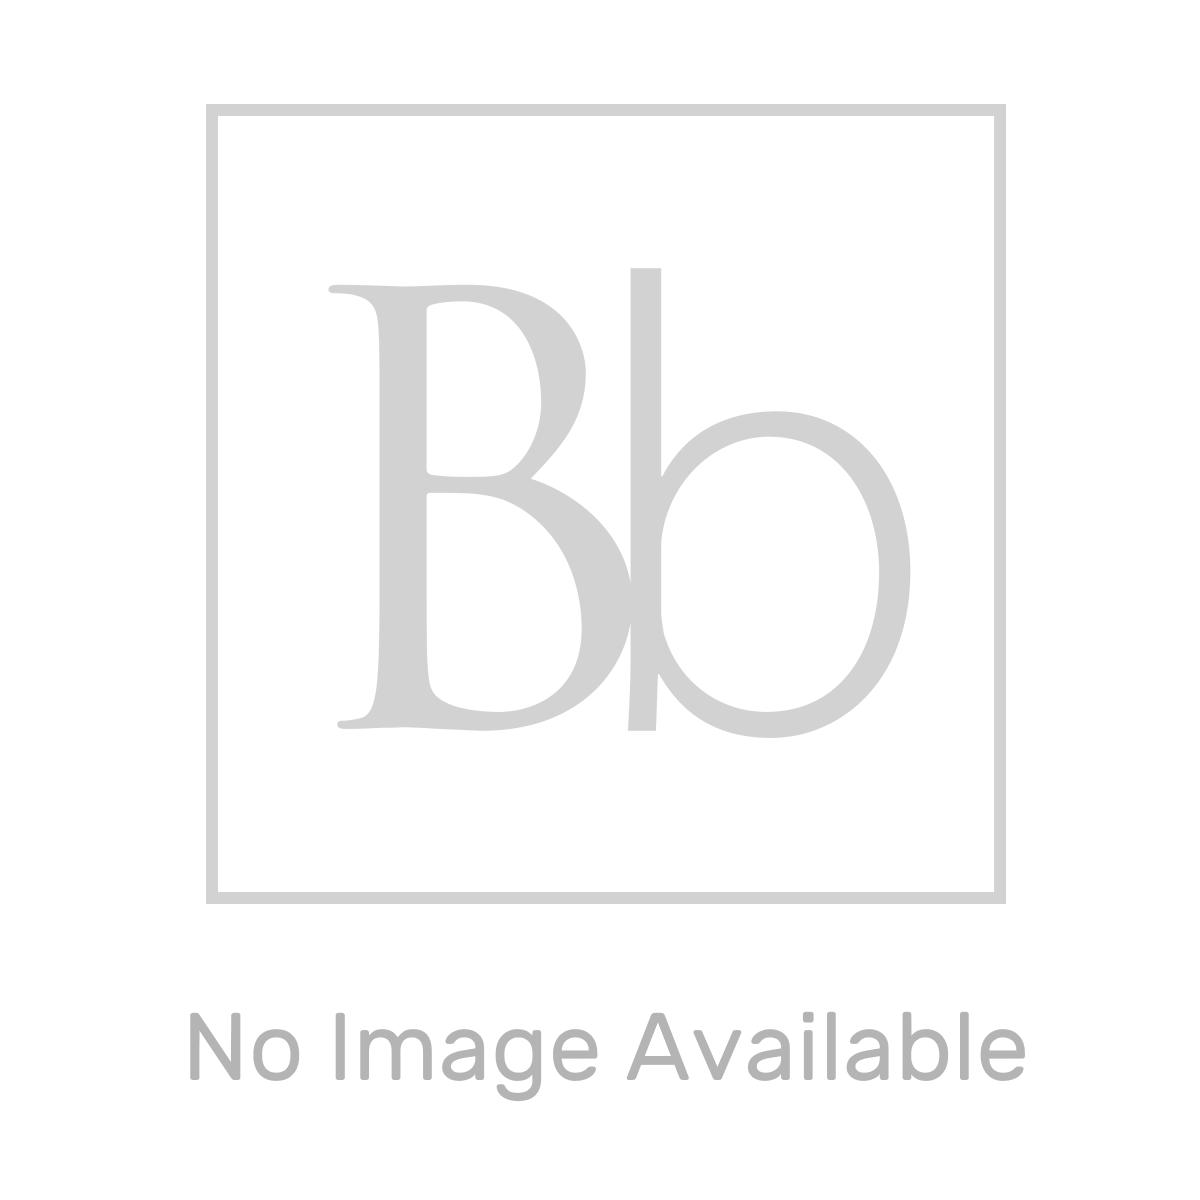 Aquadart Aqualavo Black Slate Shower Tray 1500 x 760 Lifestyle